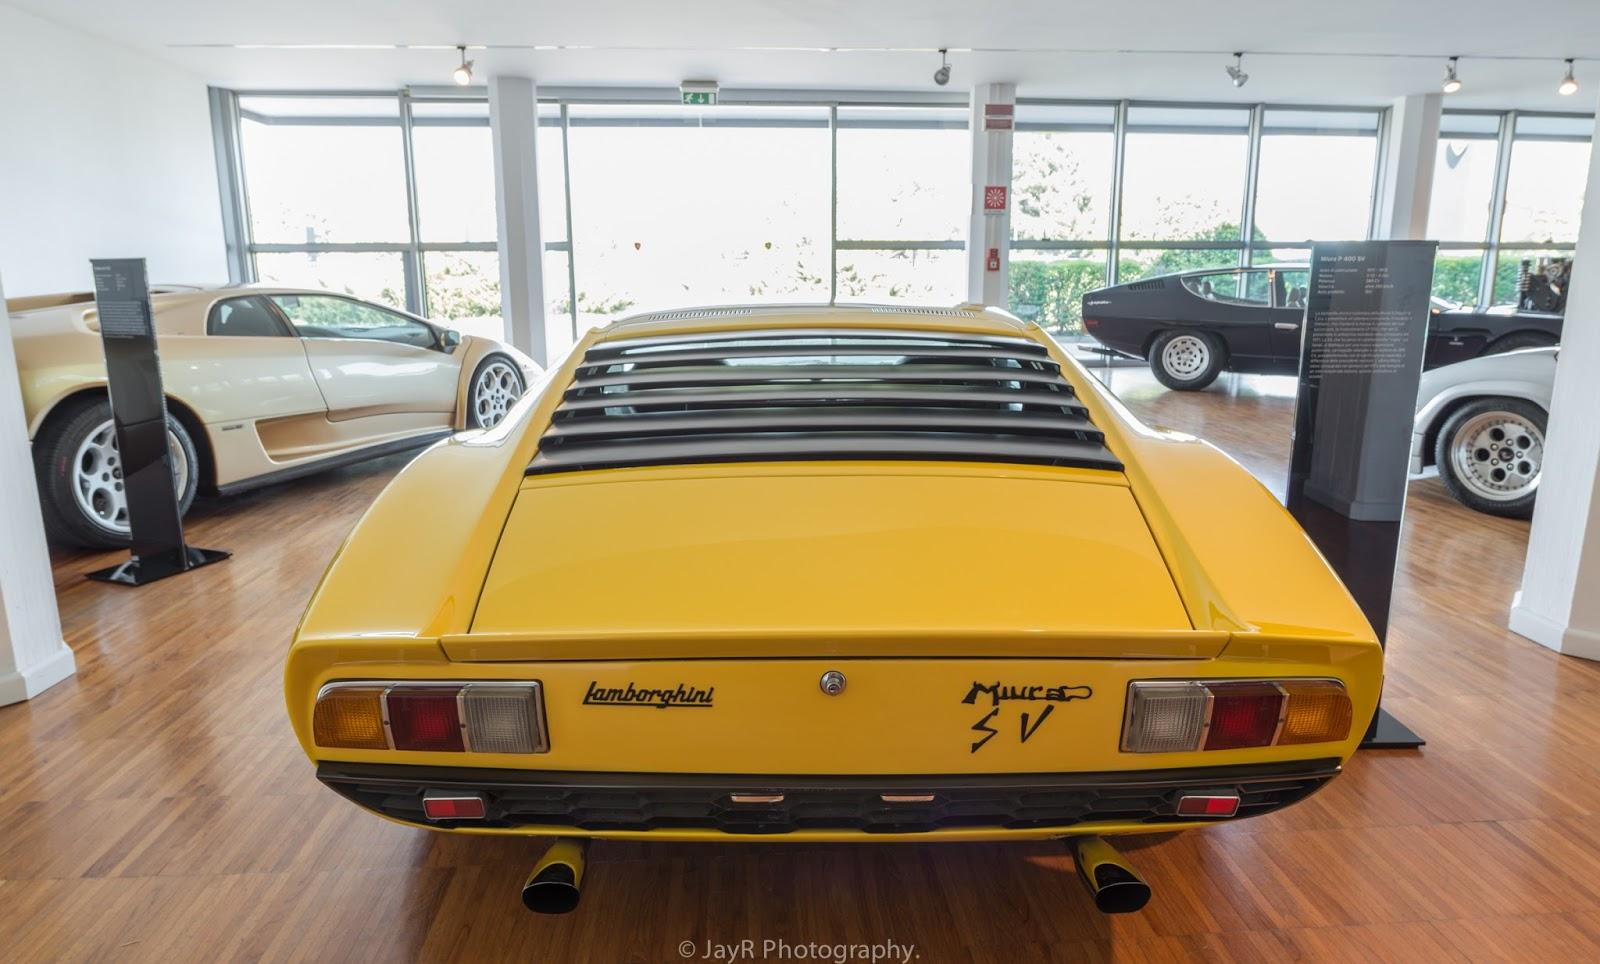 Lamborghiniu0027s First Super Veloce Car.